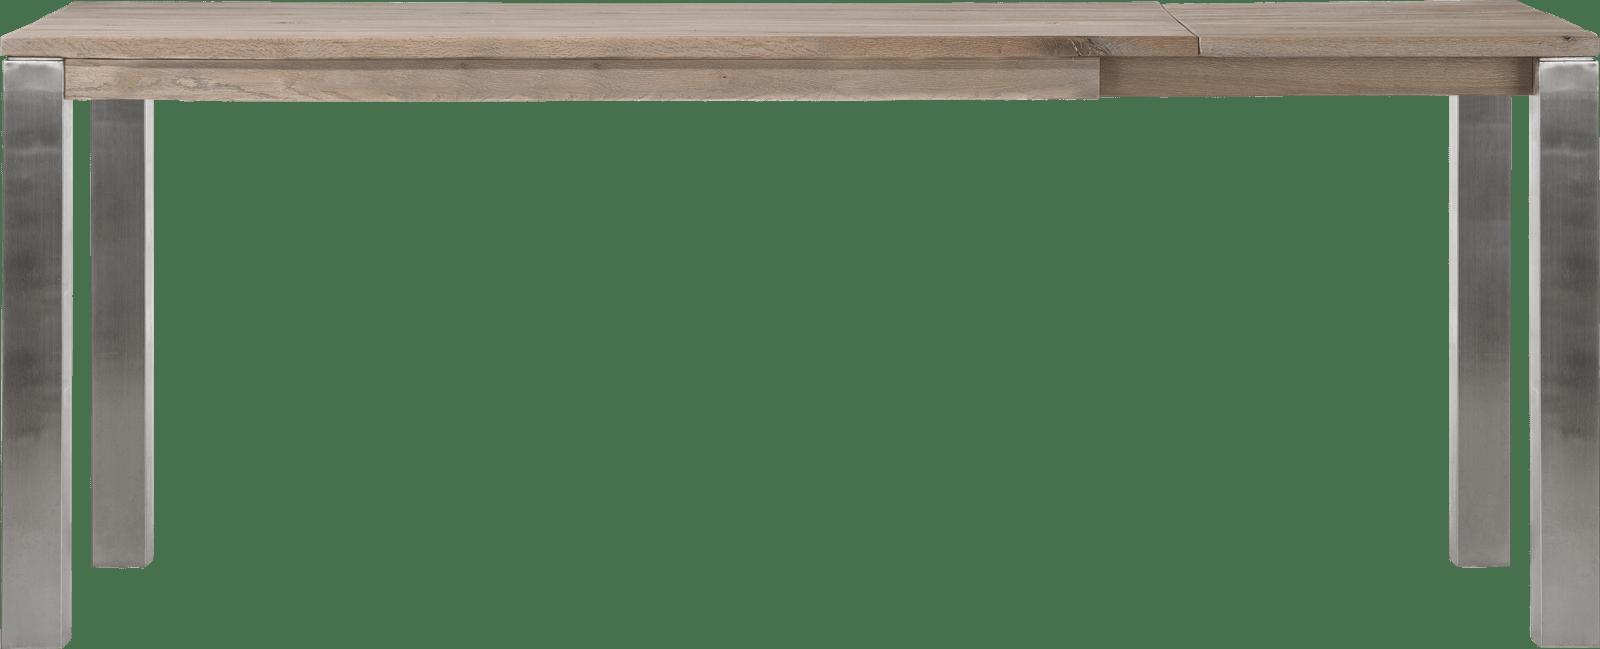 Masters - uitschuif-bartafel 180 (+ 60) x 90 cm - rvs 9x9